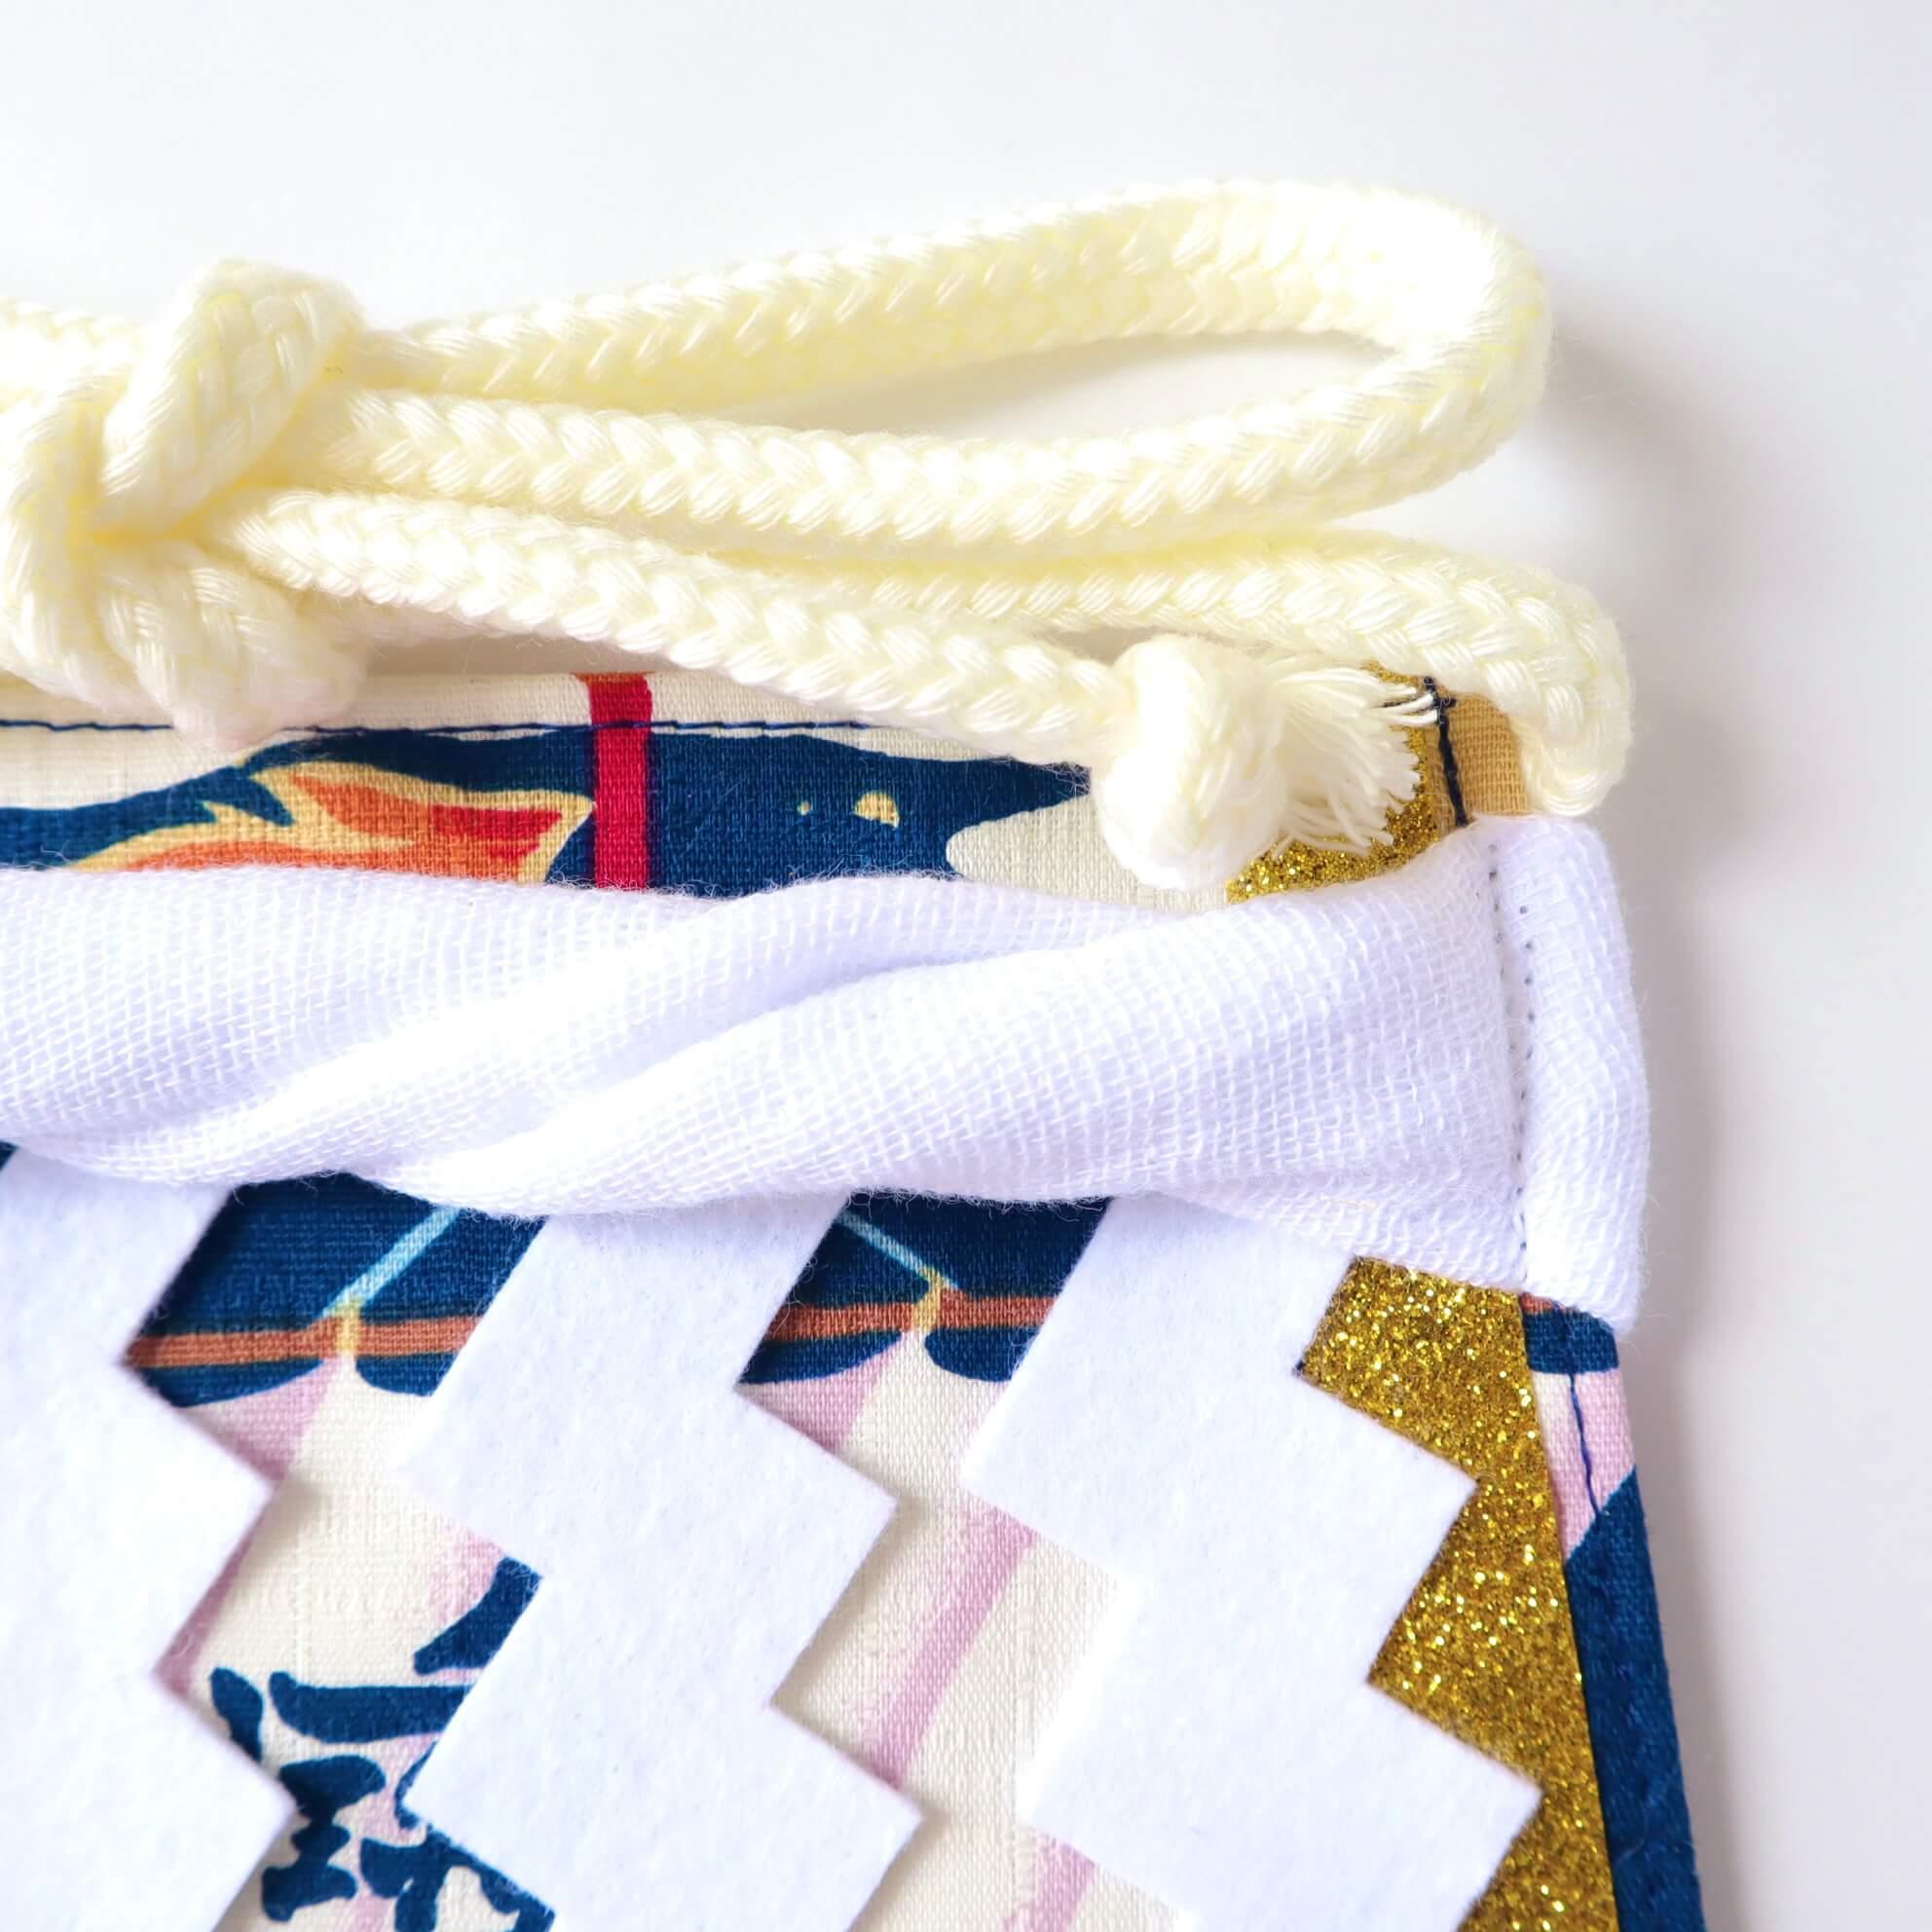 ワンちゃん化粧まわし大・おてごろ飾り綱と結び紐